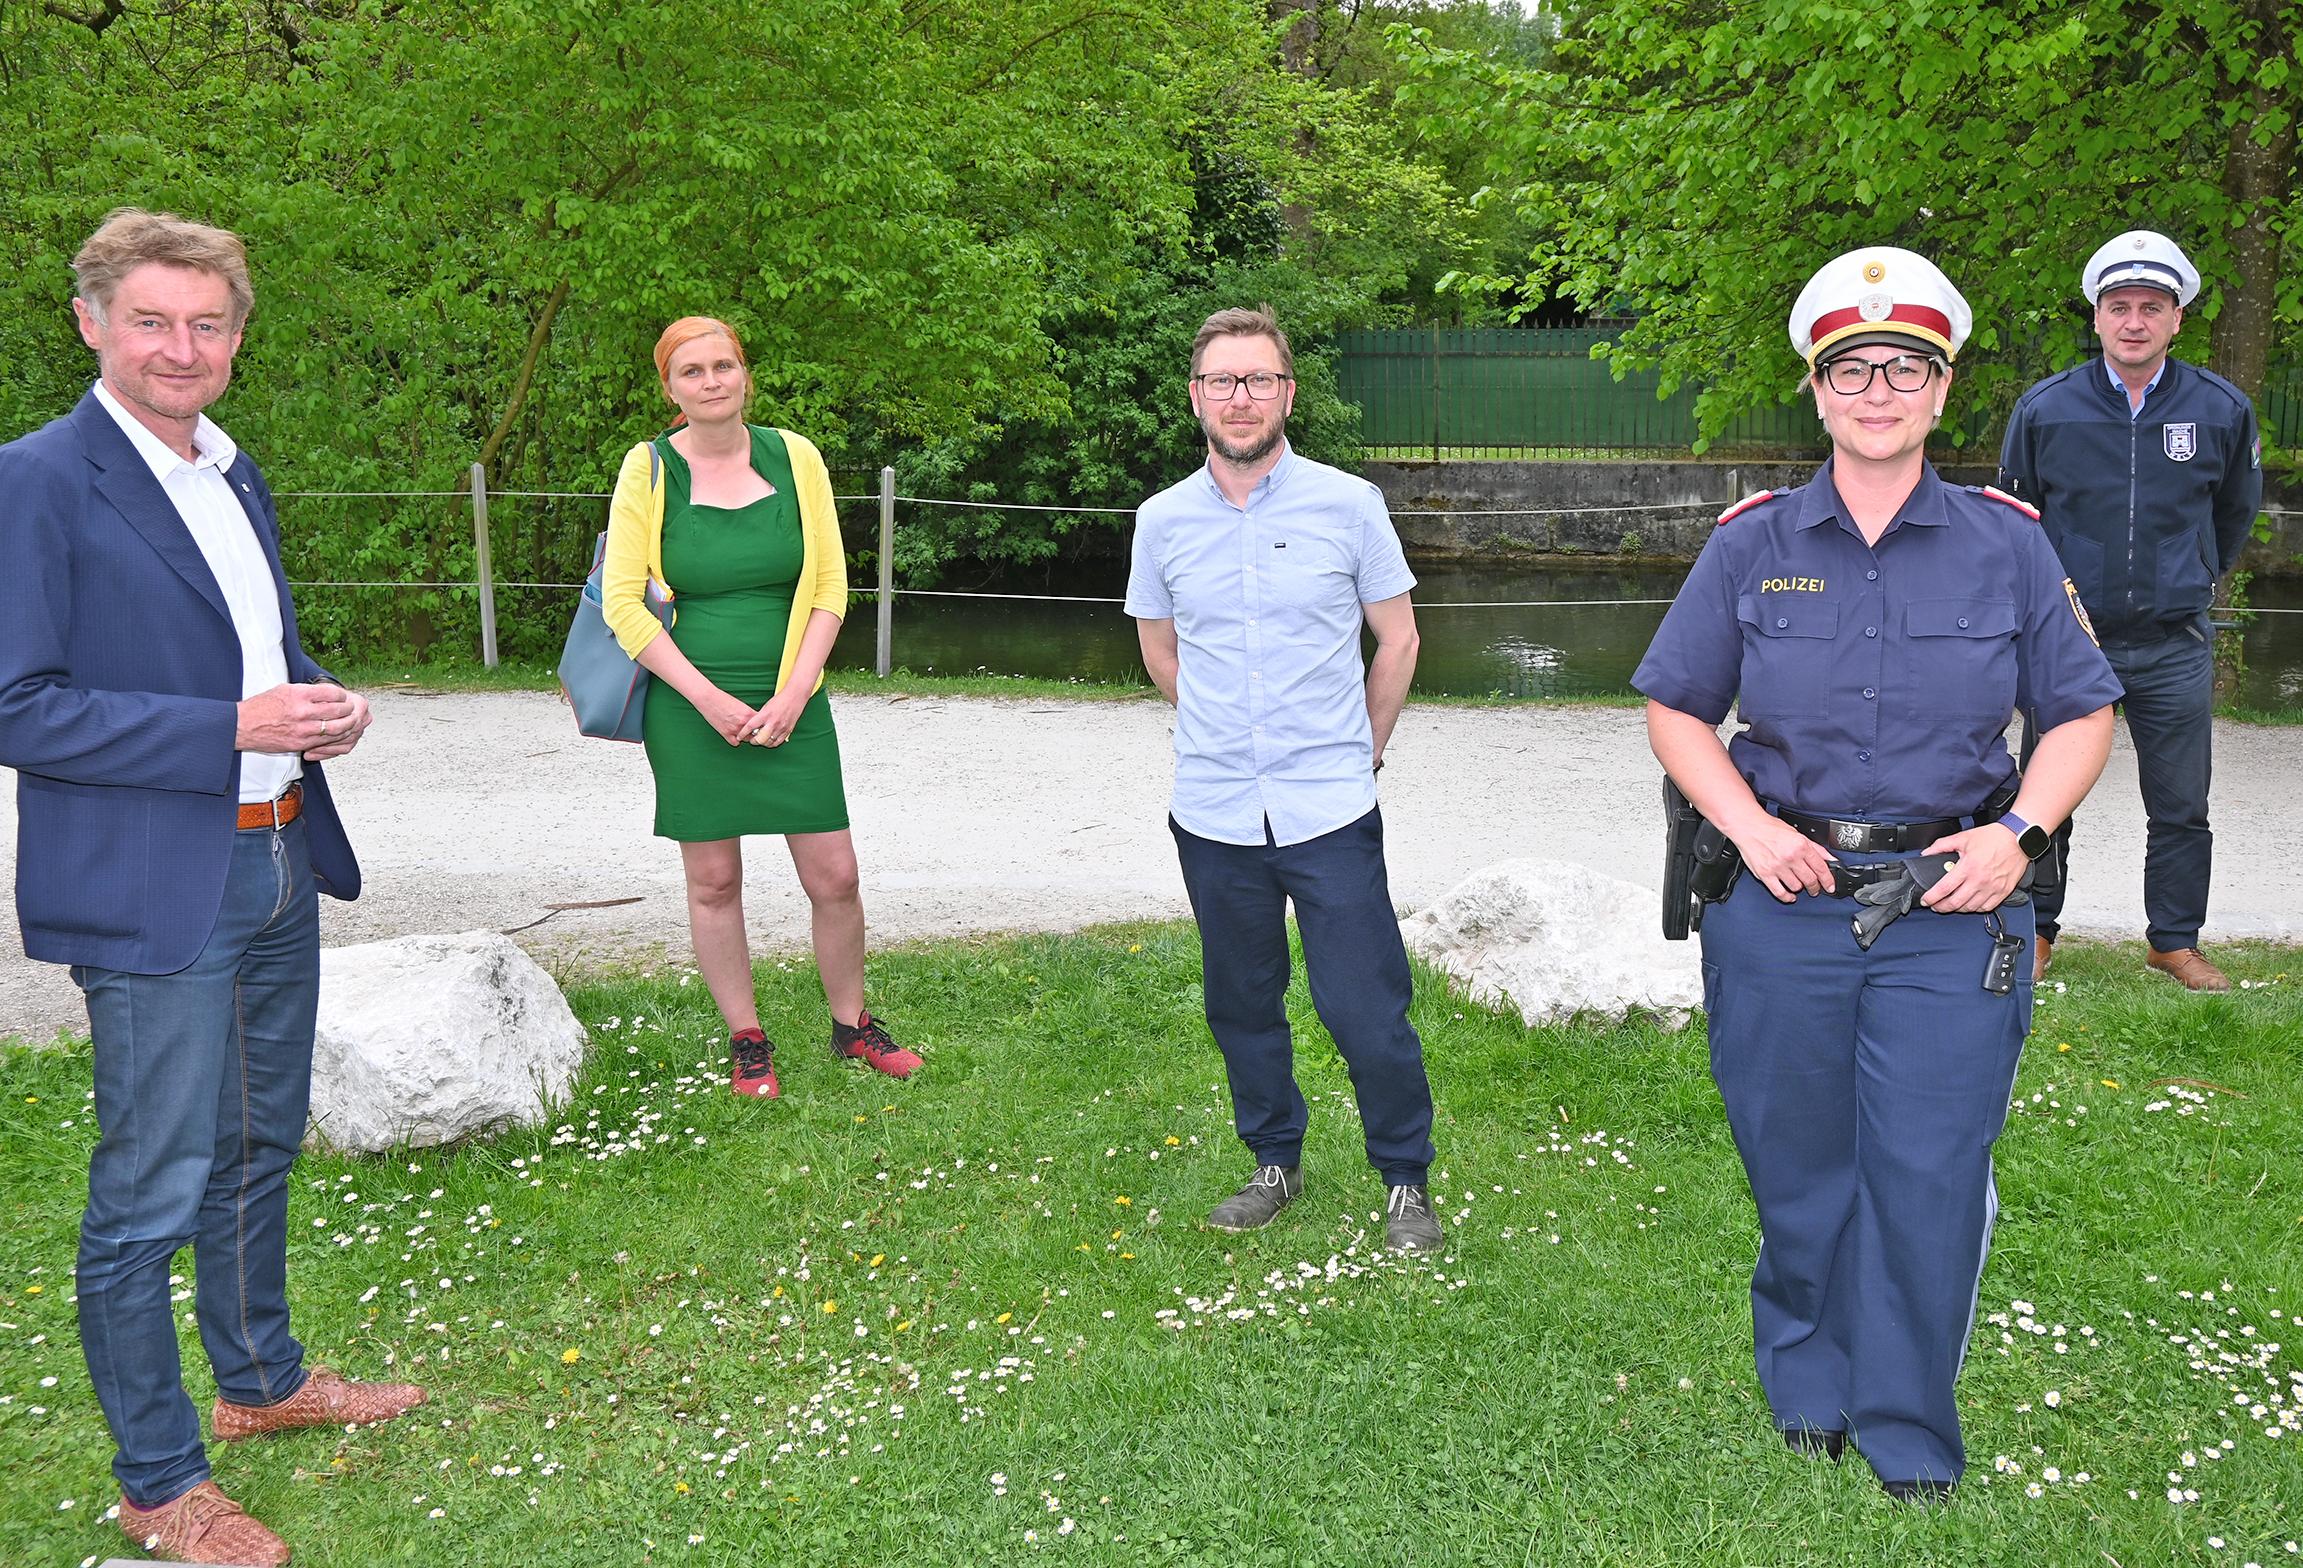 Vizebürgermeister Gerhard Kroiß steht mit den Vertretern der Polizei, der Ordnungswache und der Volkshilfe mit Abstand auf einer Wiese am Welser Zwinger